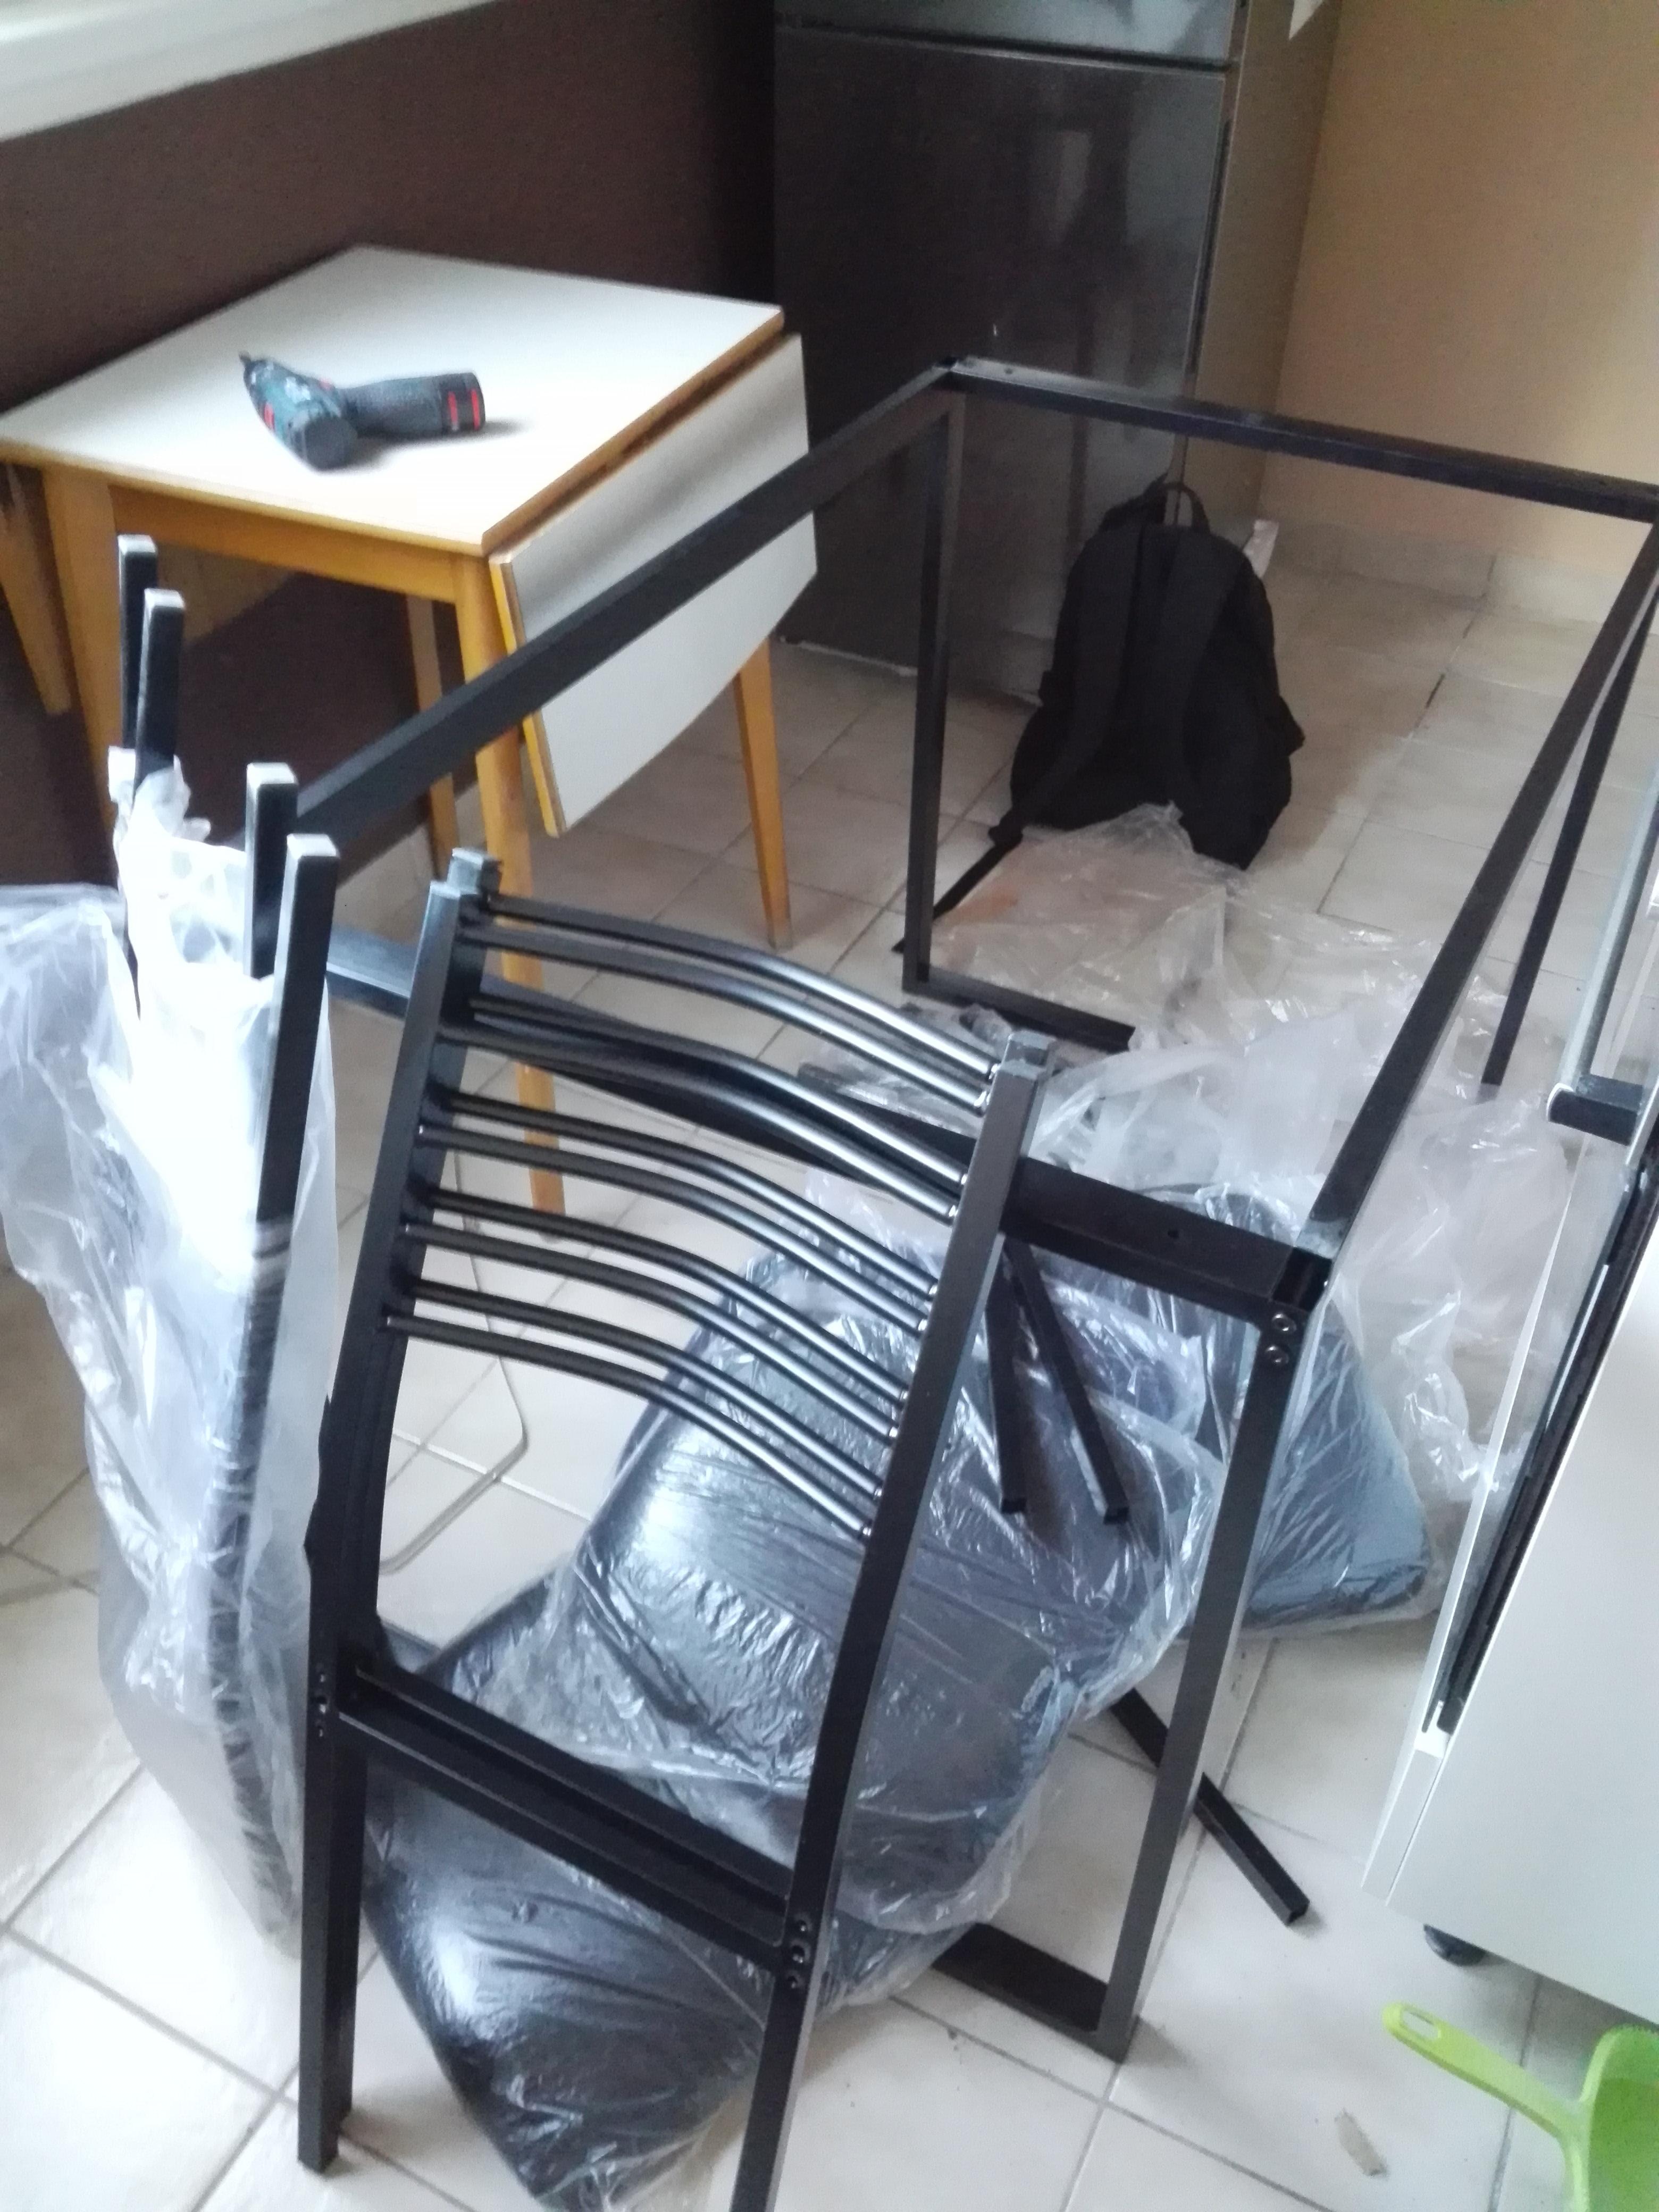 Kring London Étkezőgarnitúra, Asztal+4 szék, 110x70x75cm, Fekete eMAG.hu